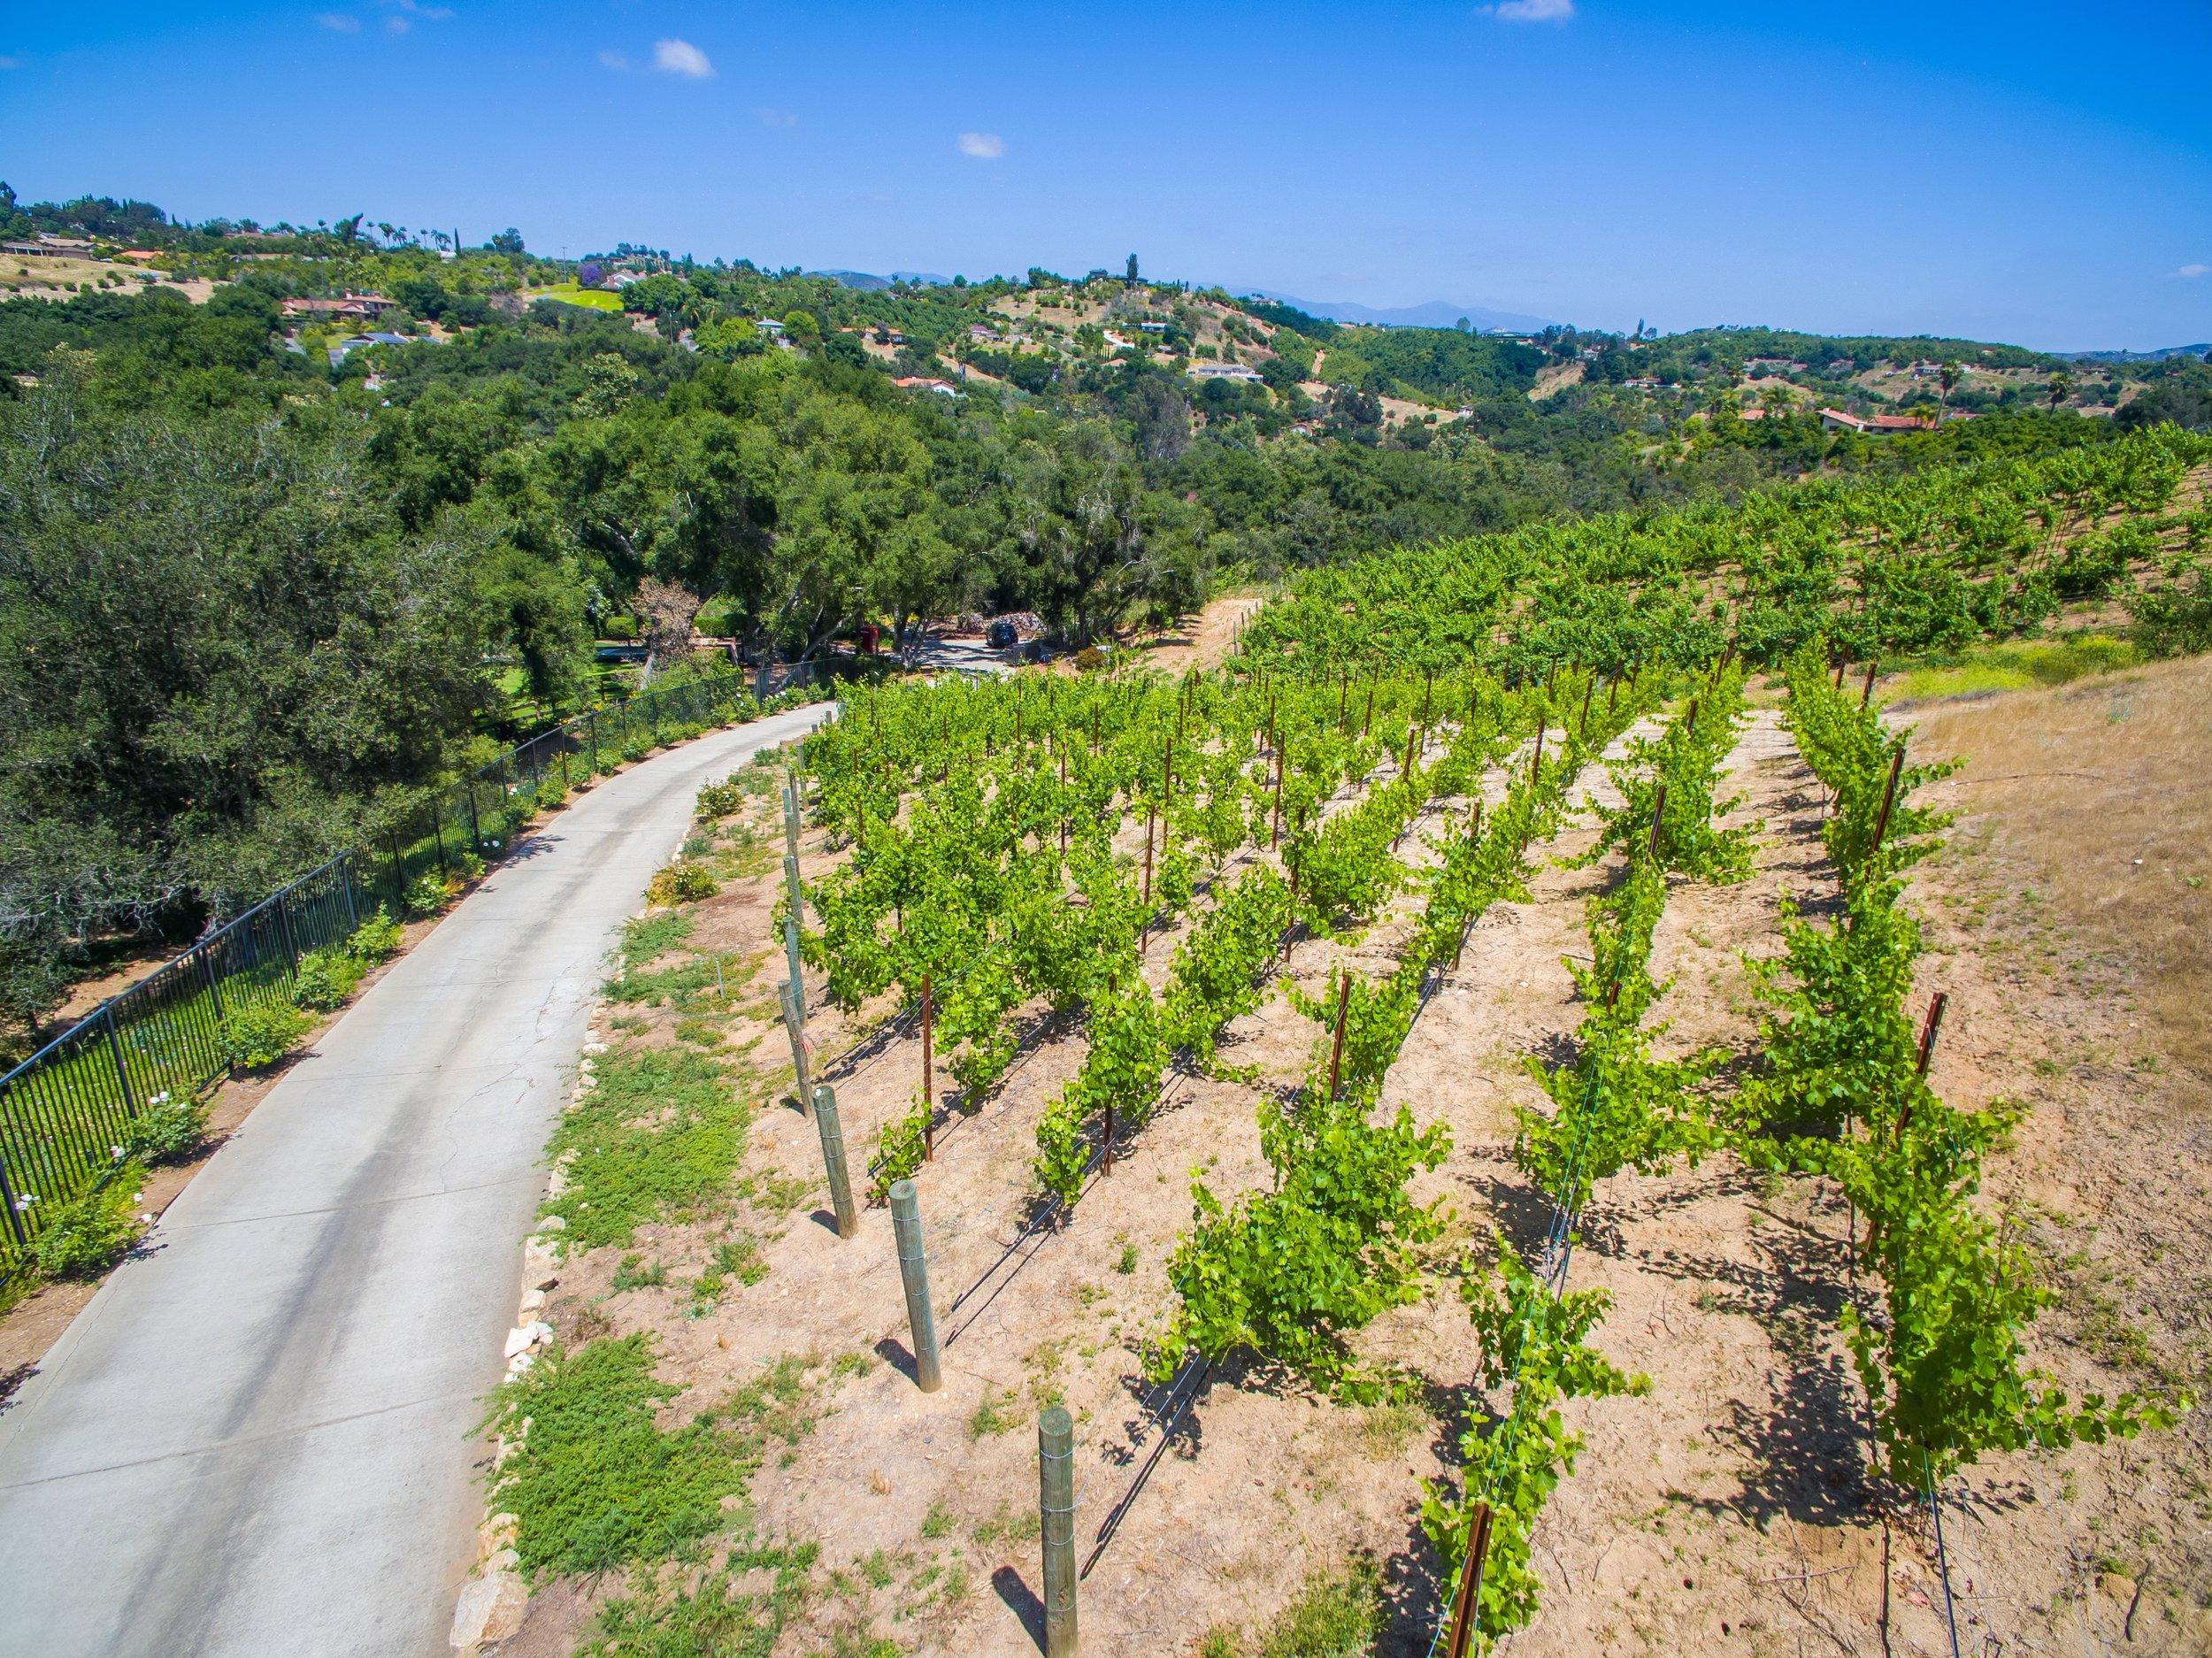 089_Aerial Vineyards.jpg